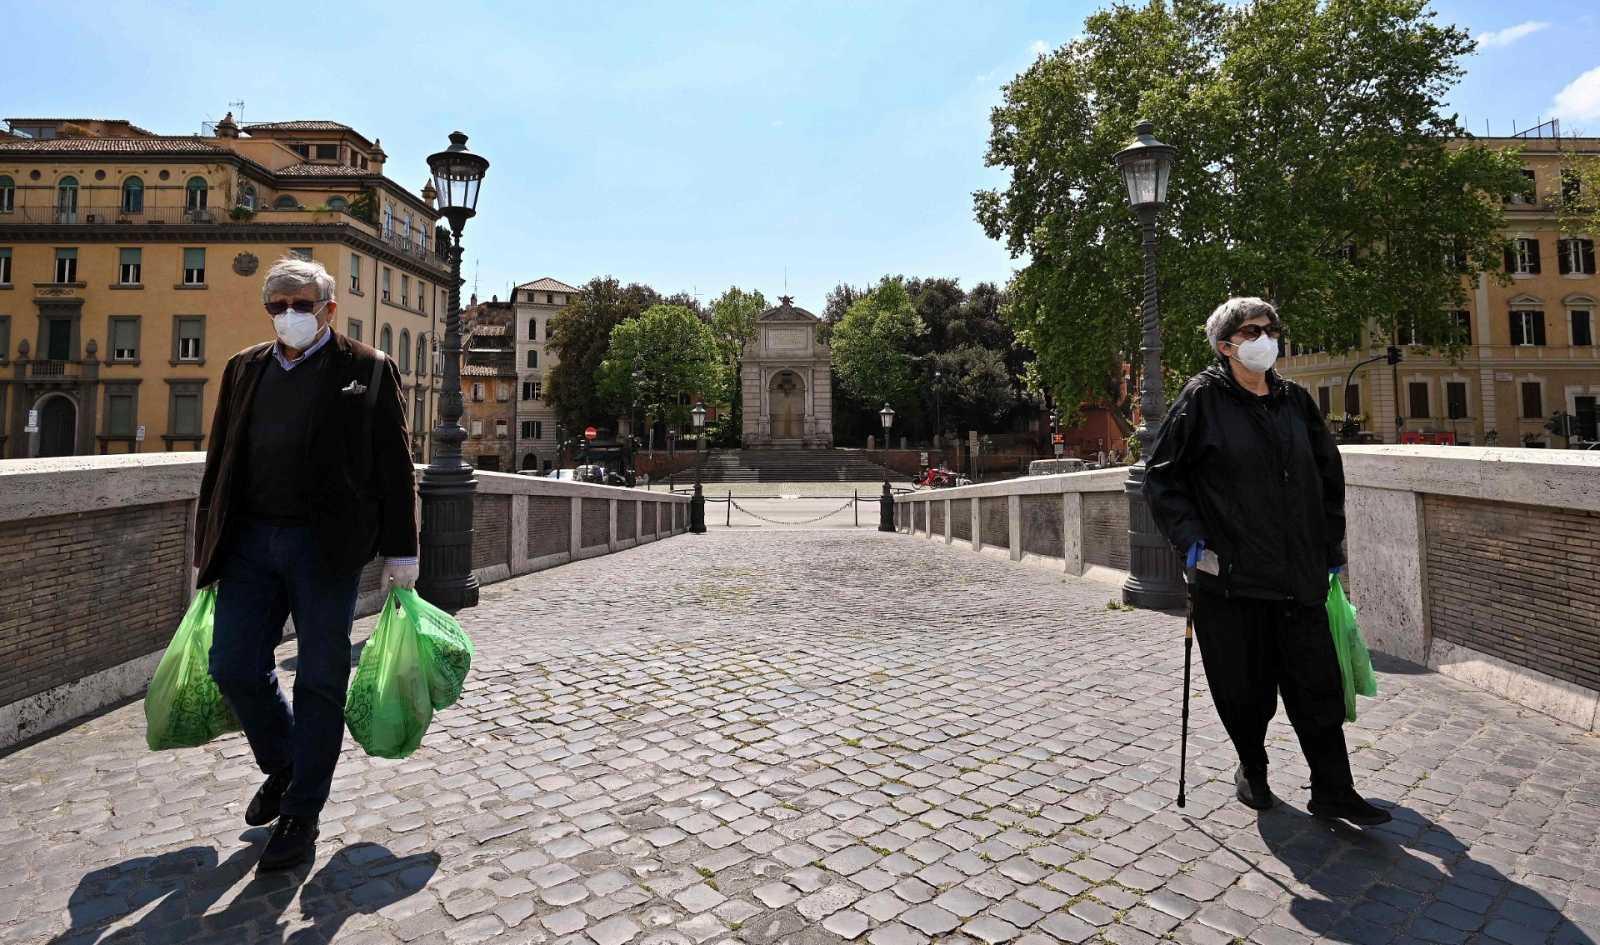 Dos italianos vuelven de hacer la compra este viernes en Roma